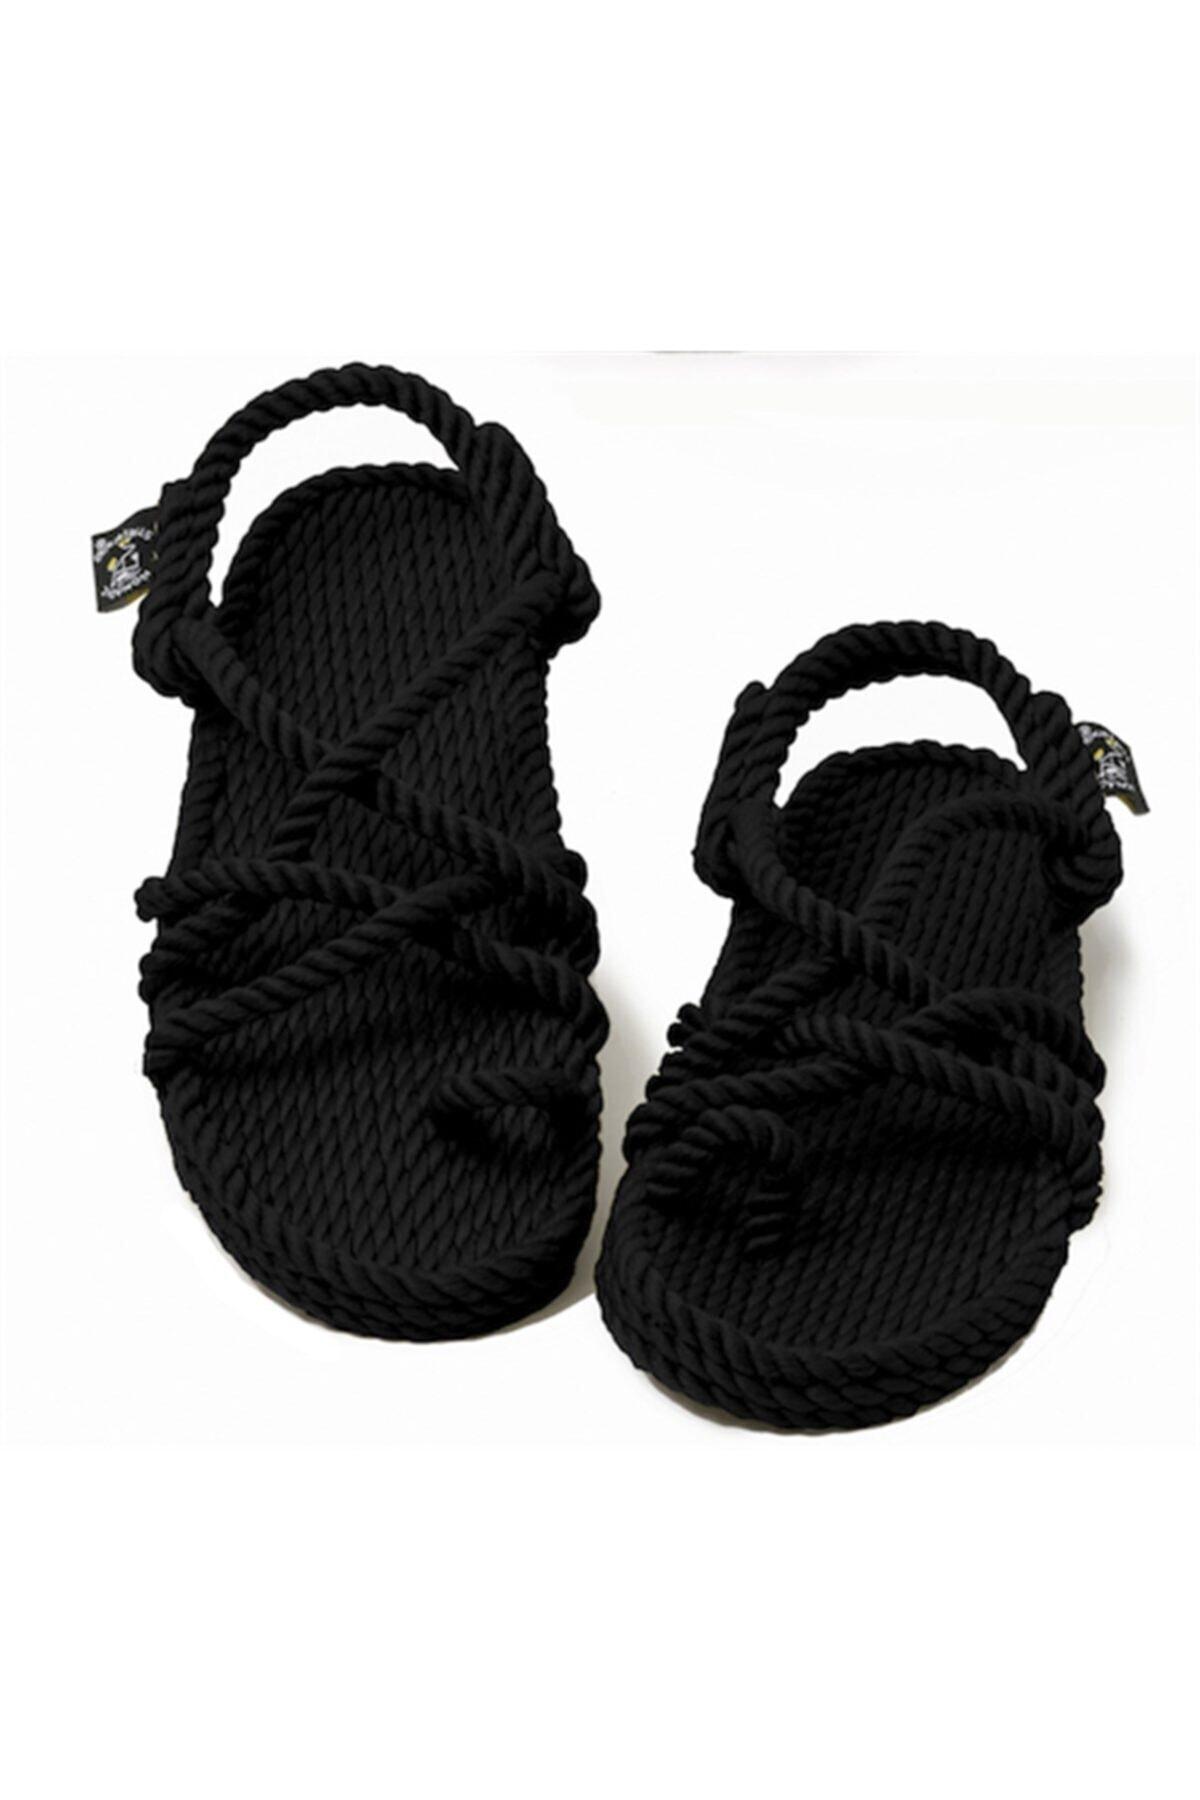 Nomadic State Of Mind - Toe Joe Siyah Hasır Ip Sandalet 2